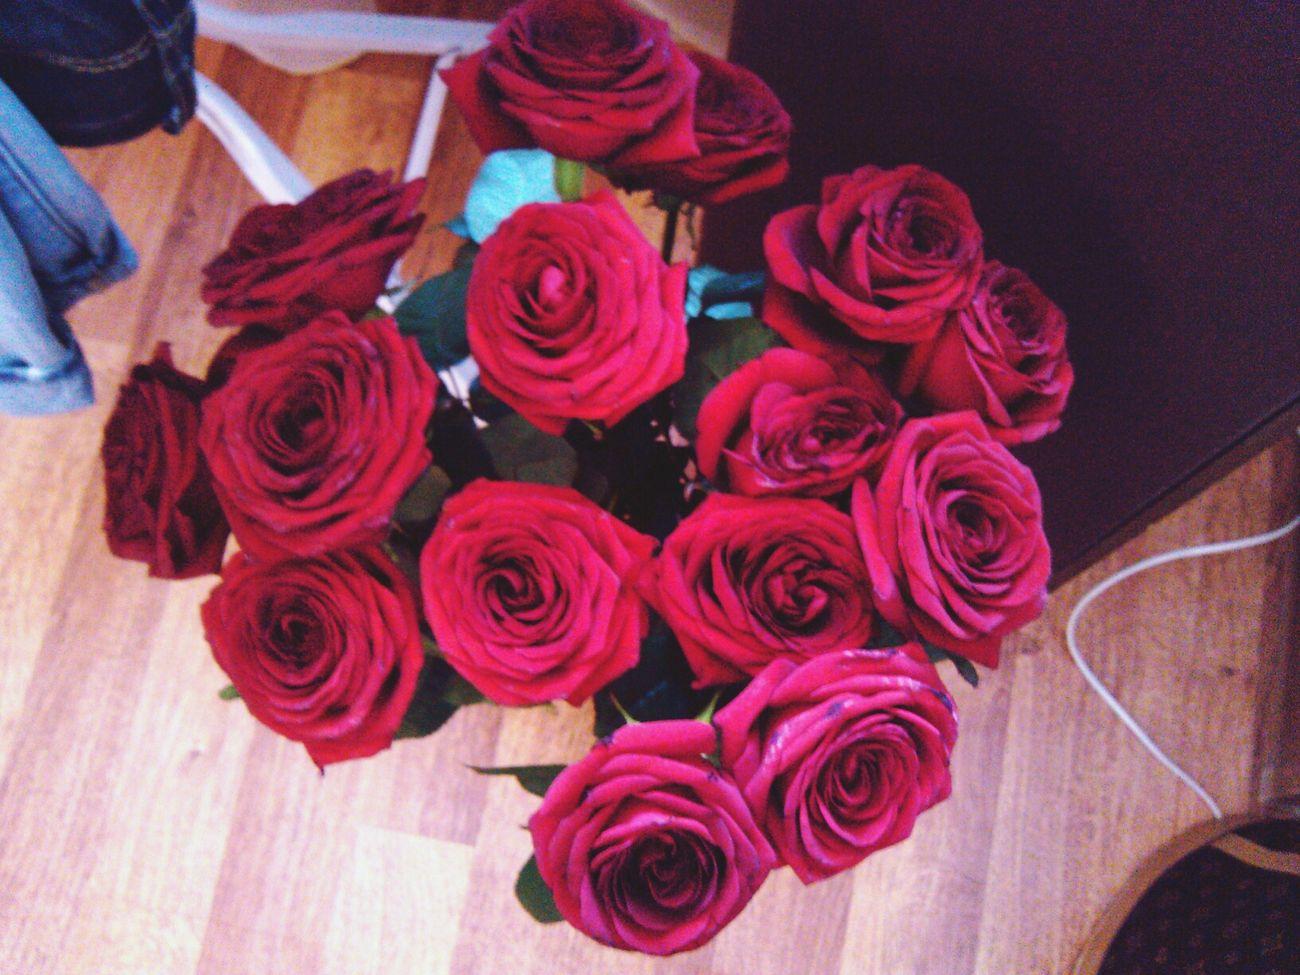 Enjoying Life Flowers :) Good Morning милый решил порадовать, спасибо ему, безумно приятно:**